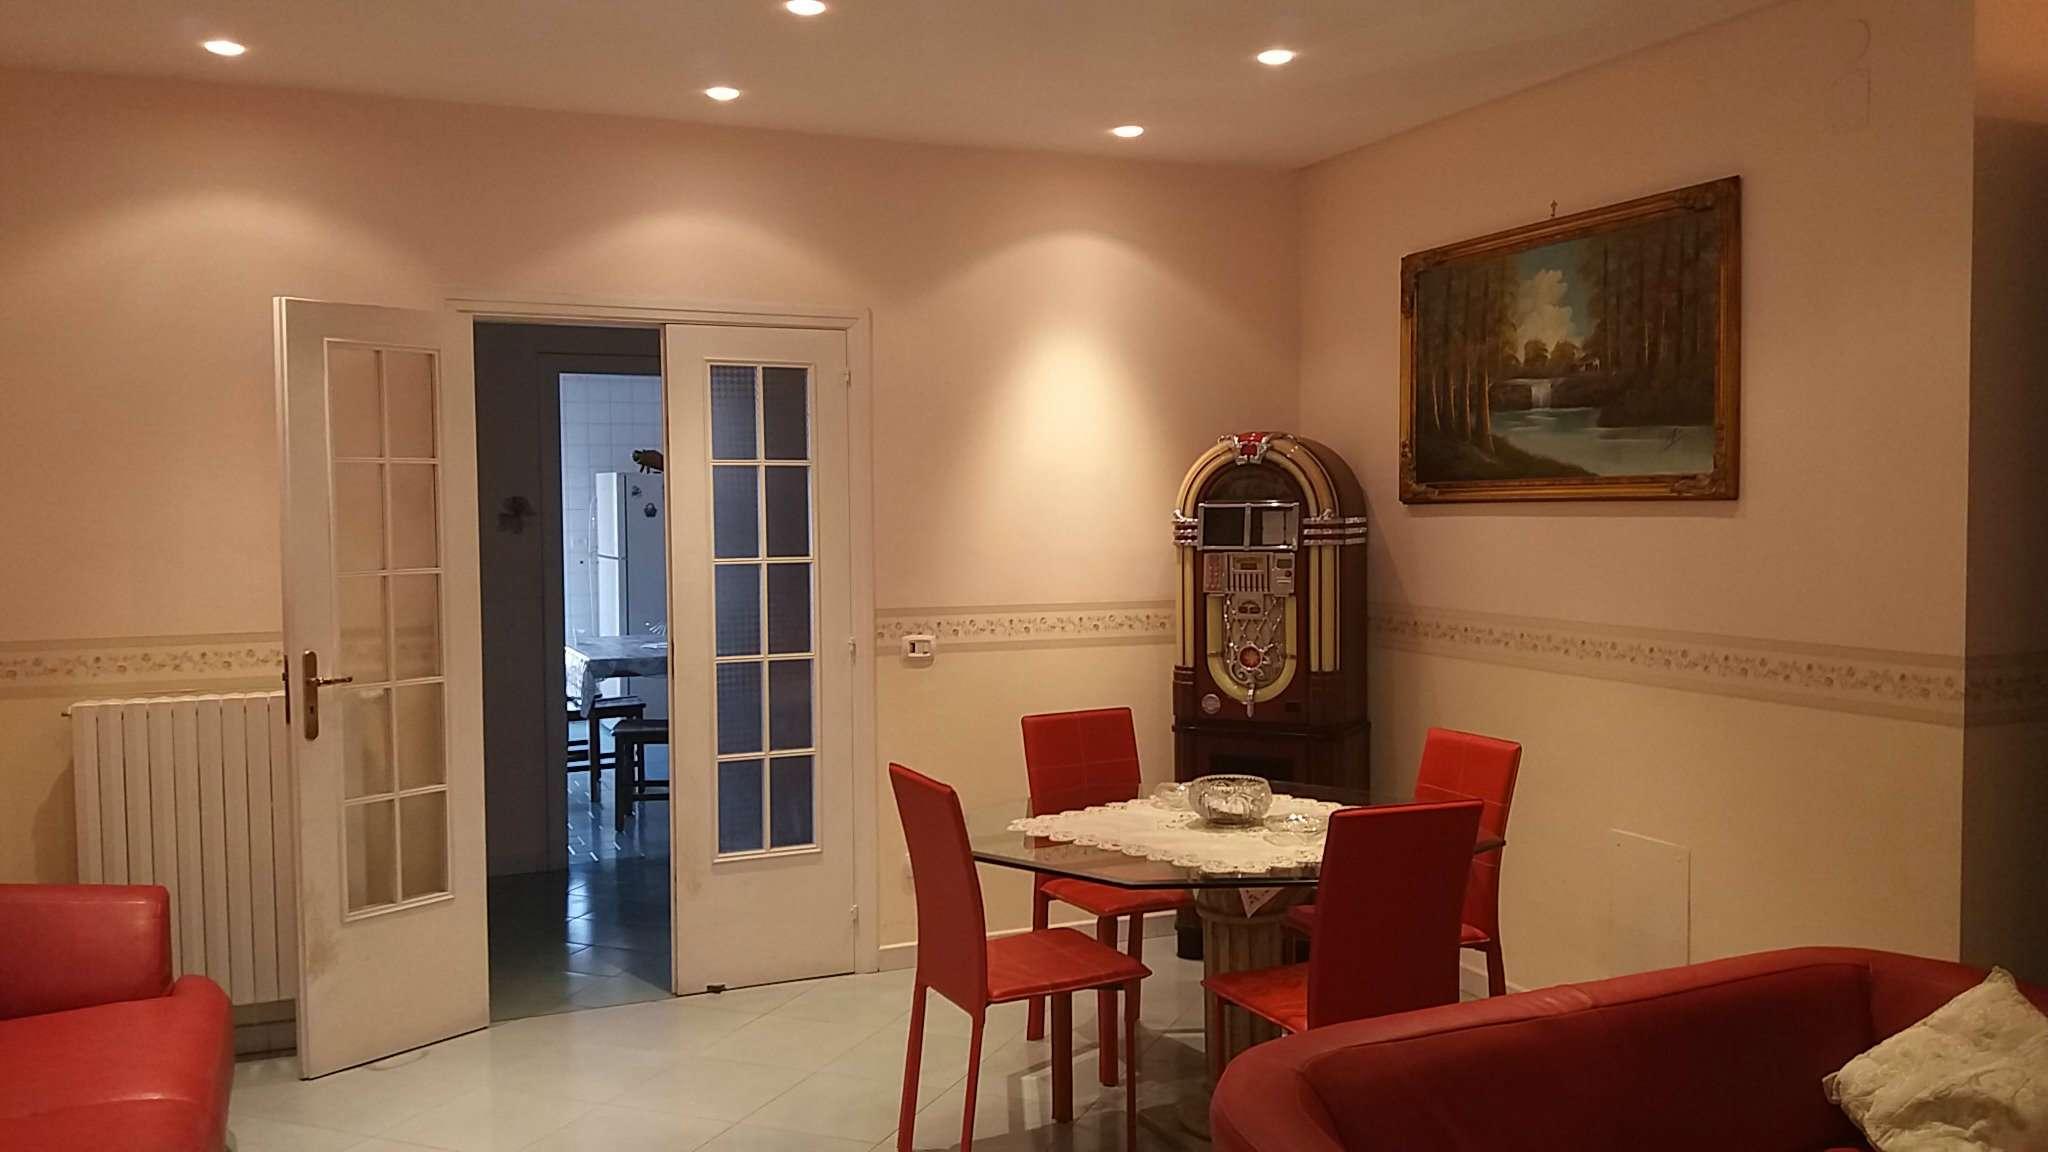 Appartamento in vendita a Casavatore, 7 locali, prezzo € 245.000 | CambioCasa.it